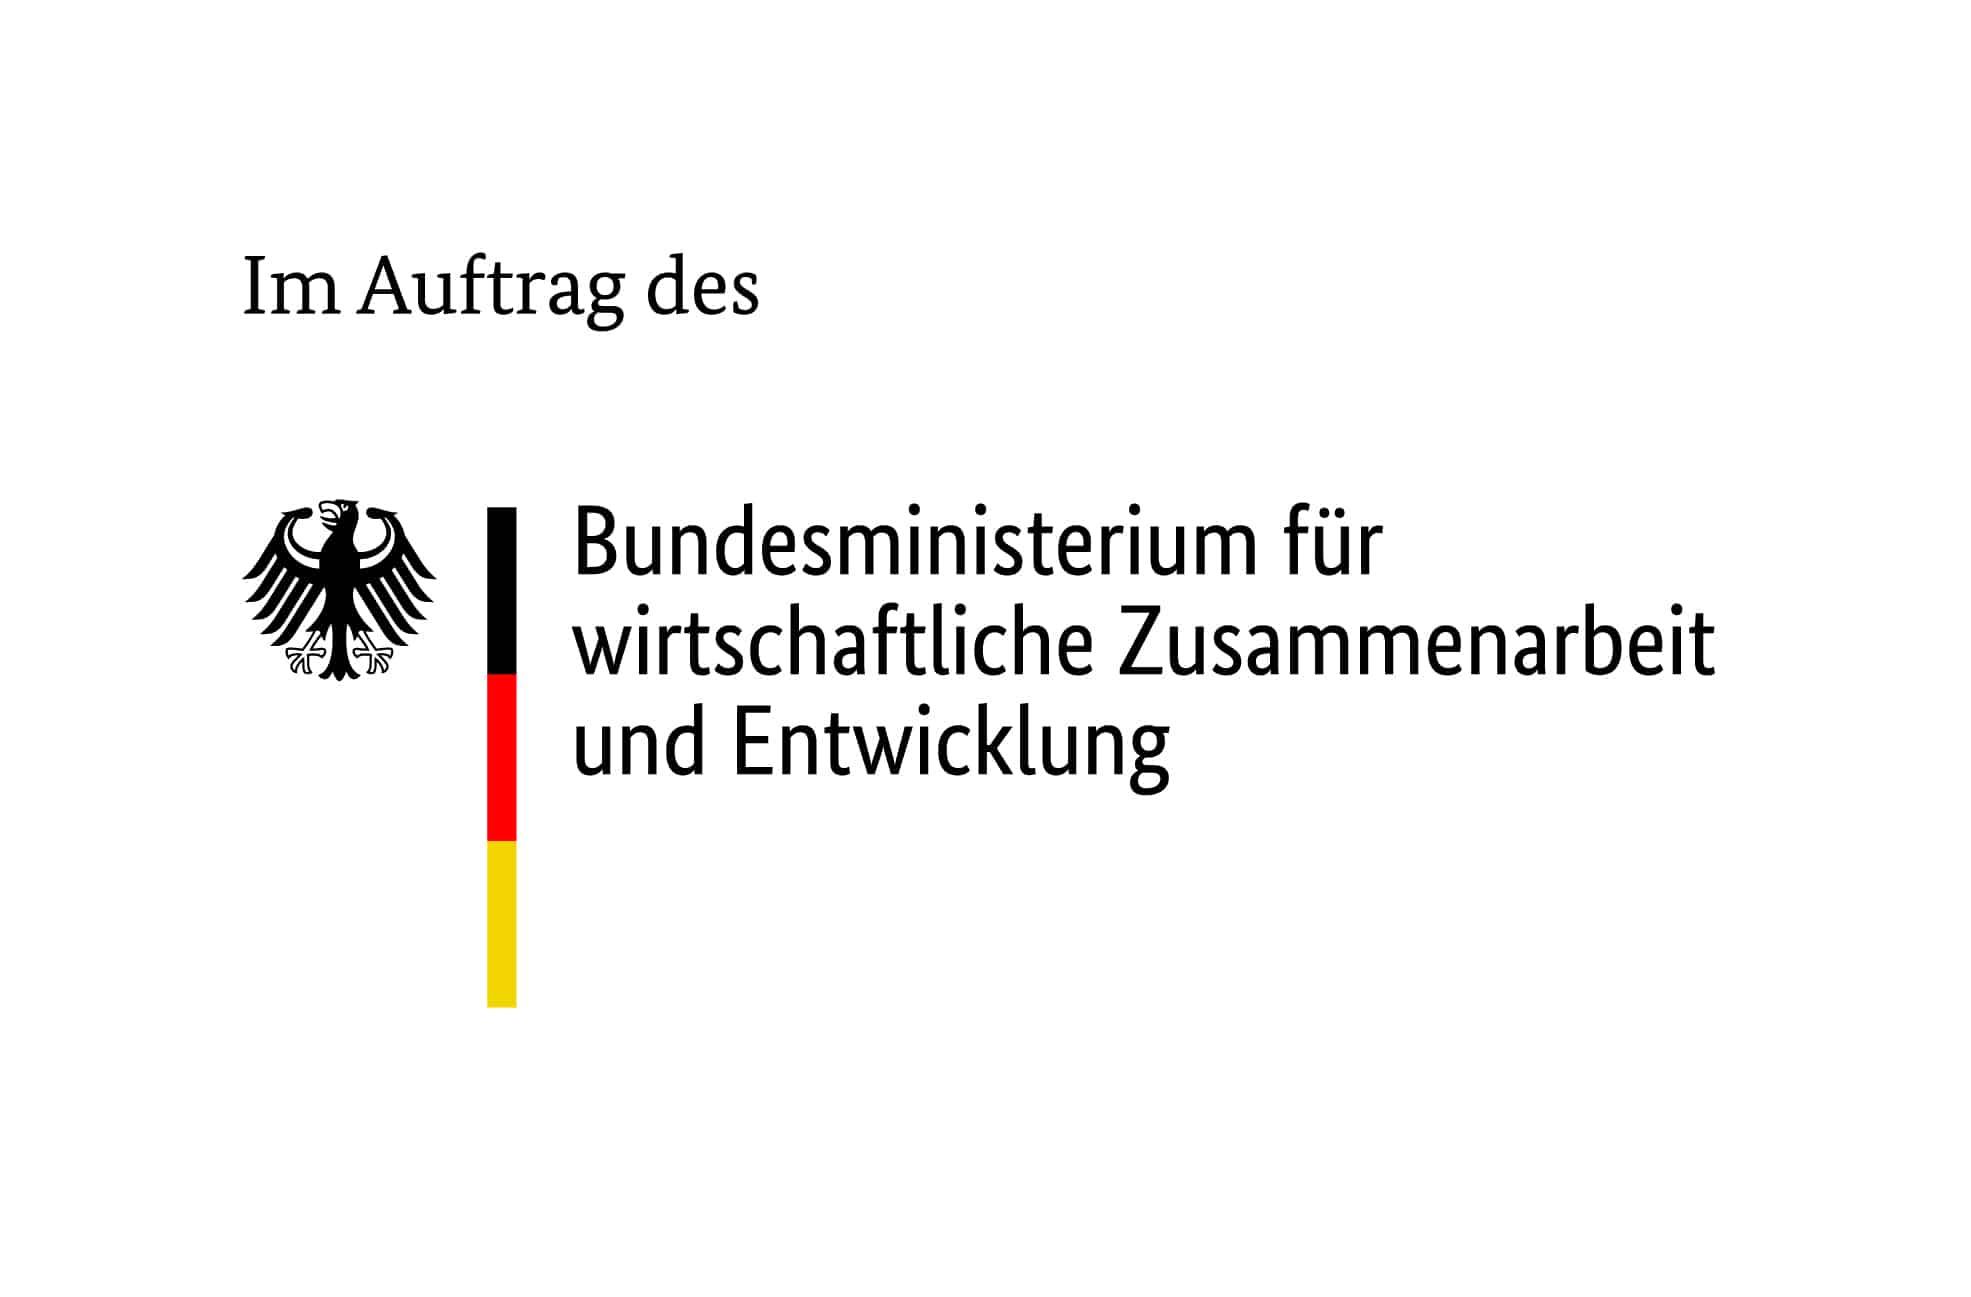 Logo des Bundesministeriums für wirtschaftliche Zusammenarbeit und Entwicklung